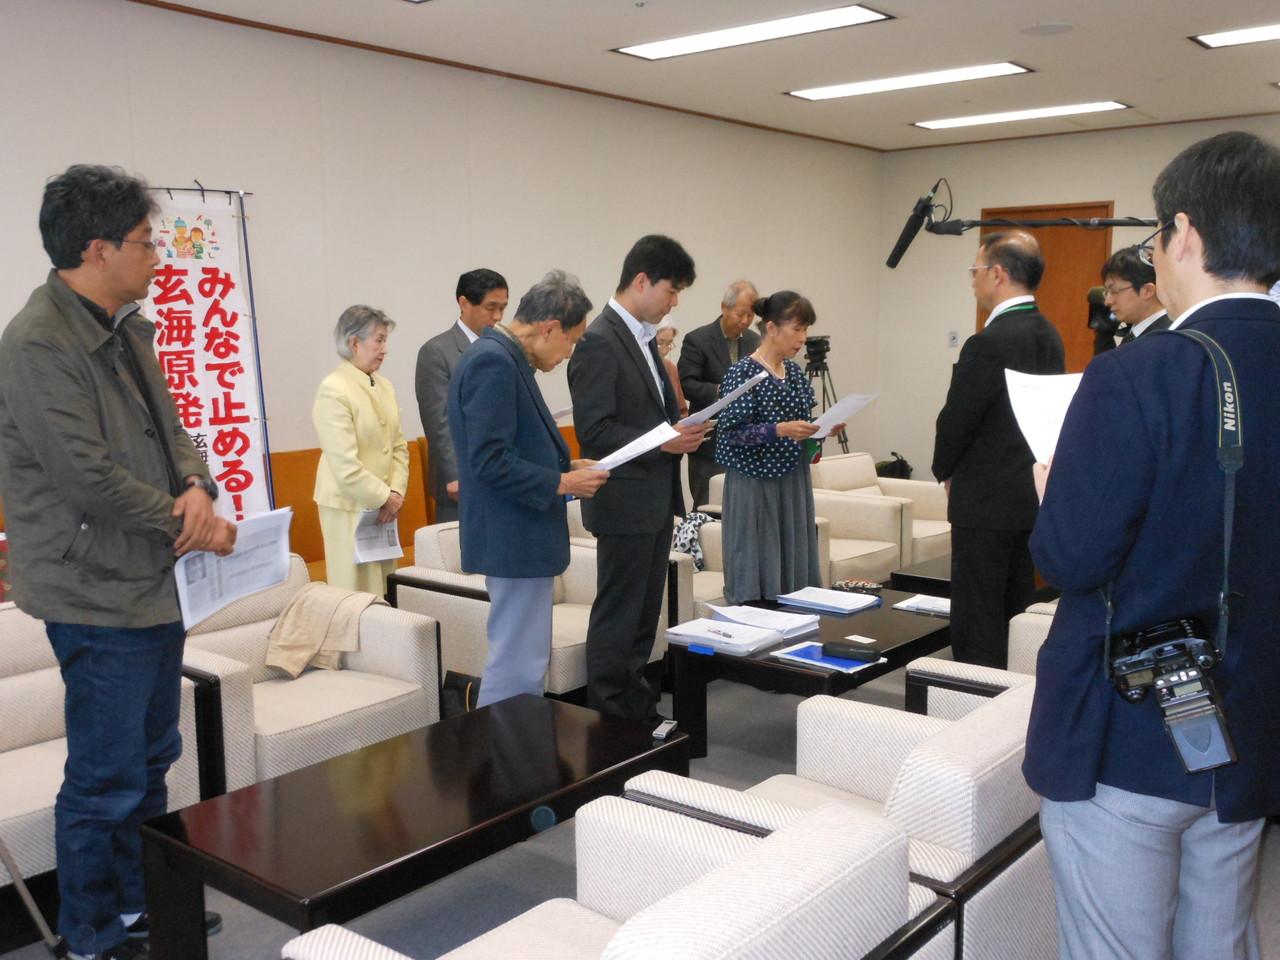 2013.3.25 佐賀県防災会議へ要請、真の防災は原発をなくすこと!